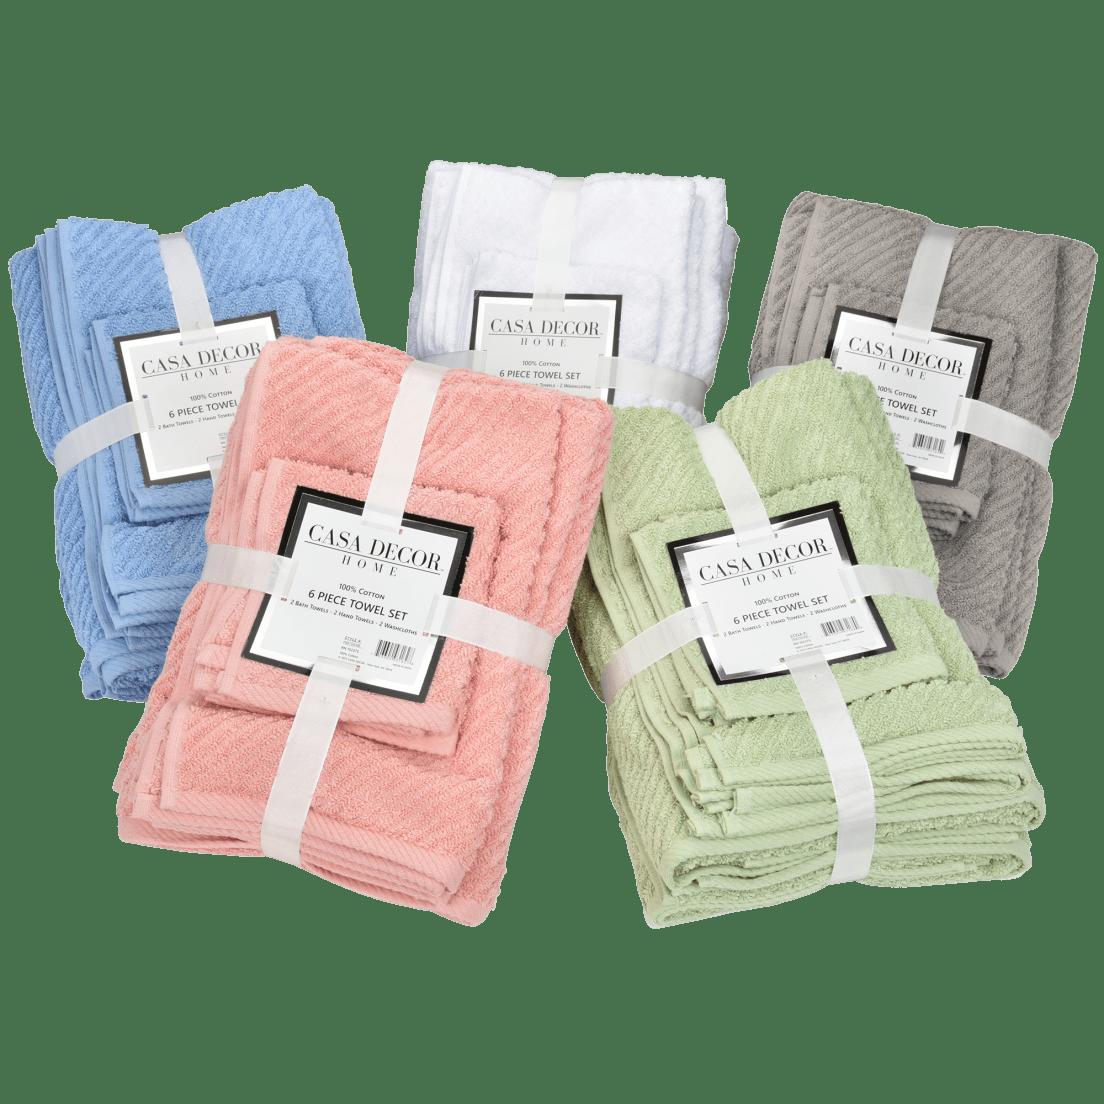 abe621cb0a Casa Decor 6-Piece Towel Set